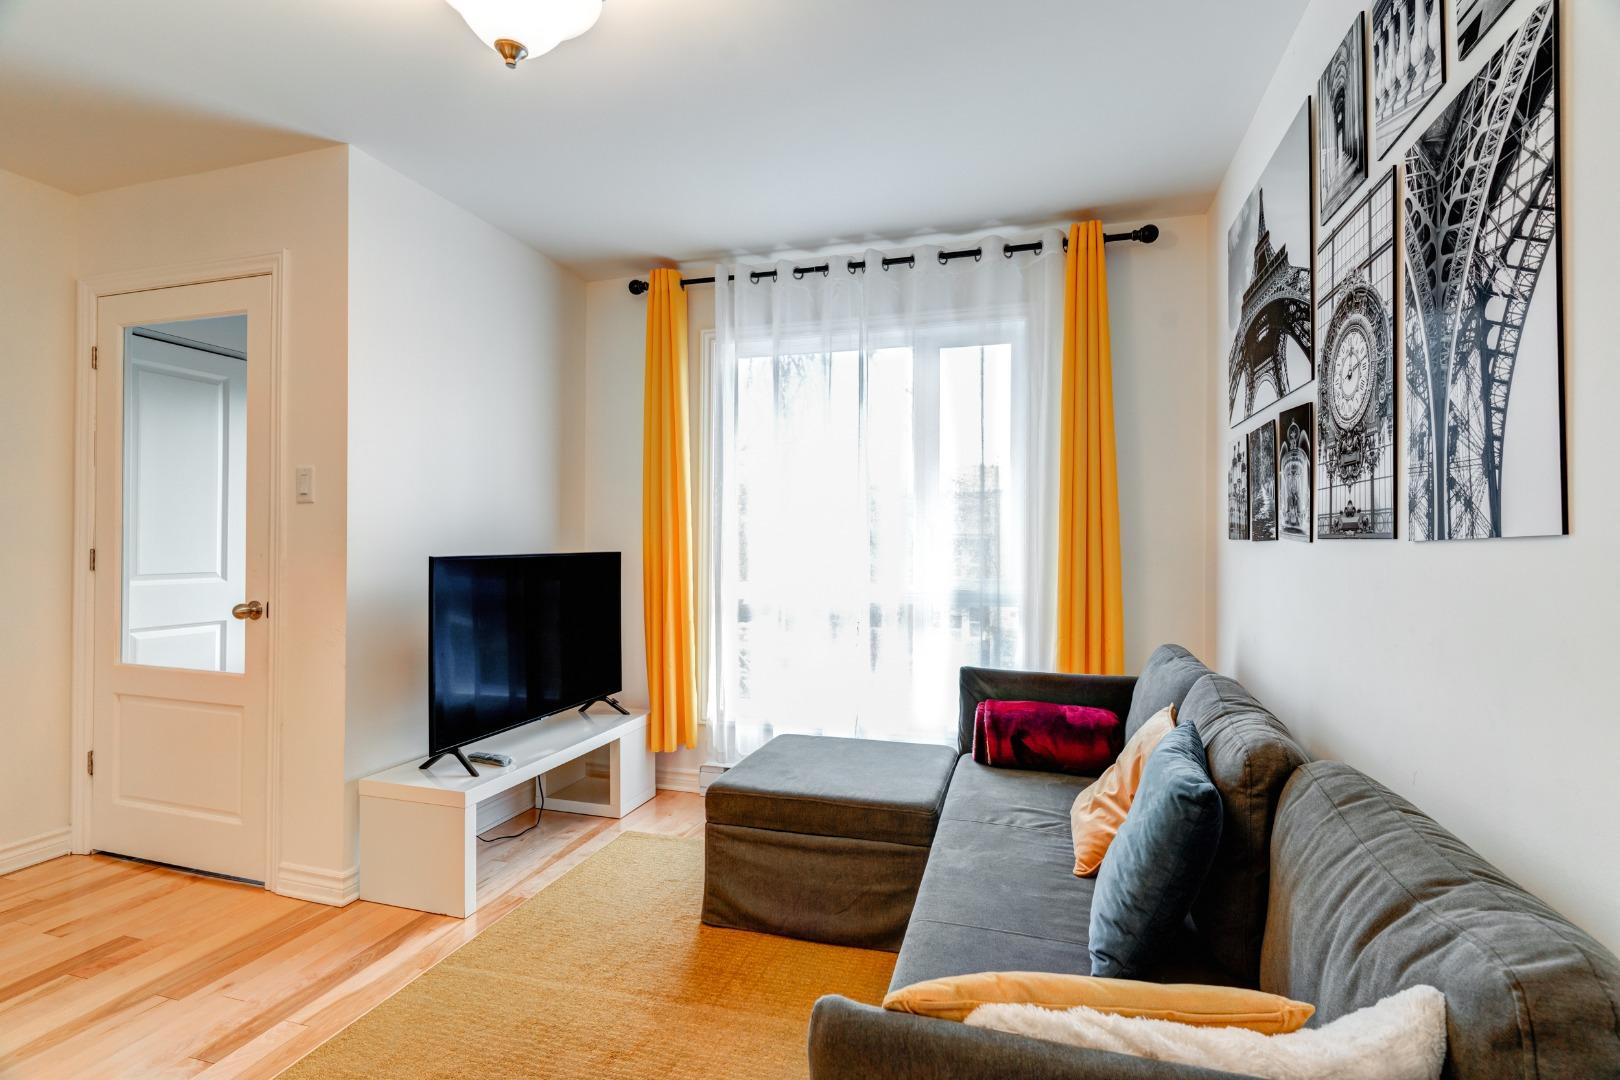 immophoto_-_Appartement_-_7074_de_Lorimier_-_es-4.jpg